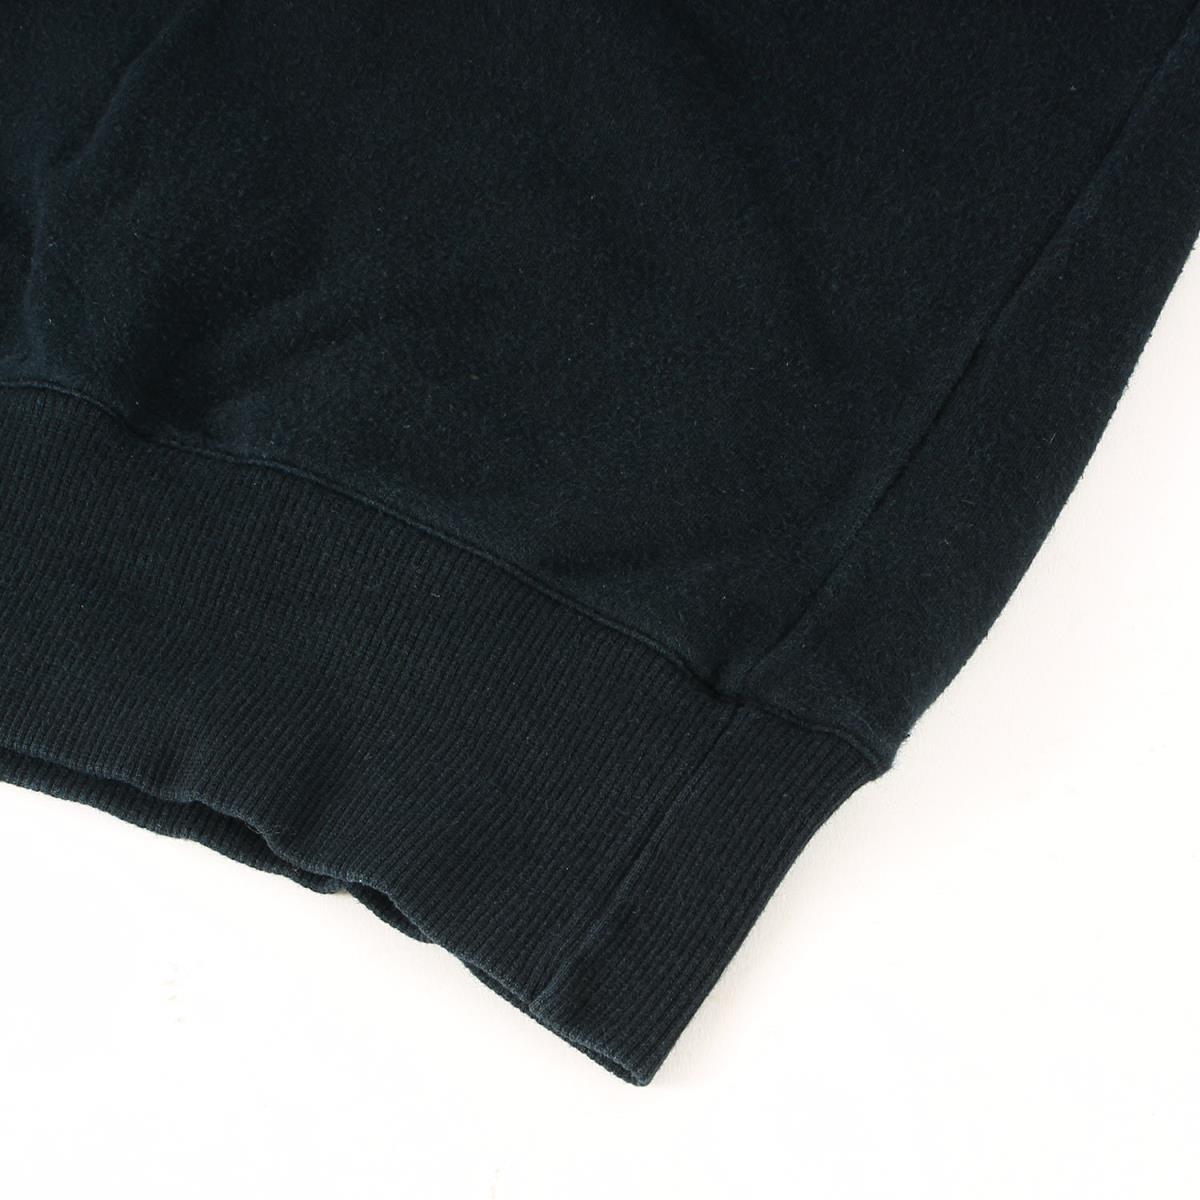 Dior HOMME ディオールオム パーカー 06AW These Grey Days期 グラフィックロゴ スウェット パーカー ブラック XS_画像5